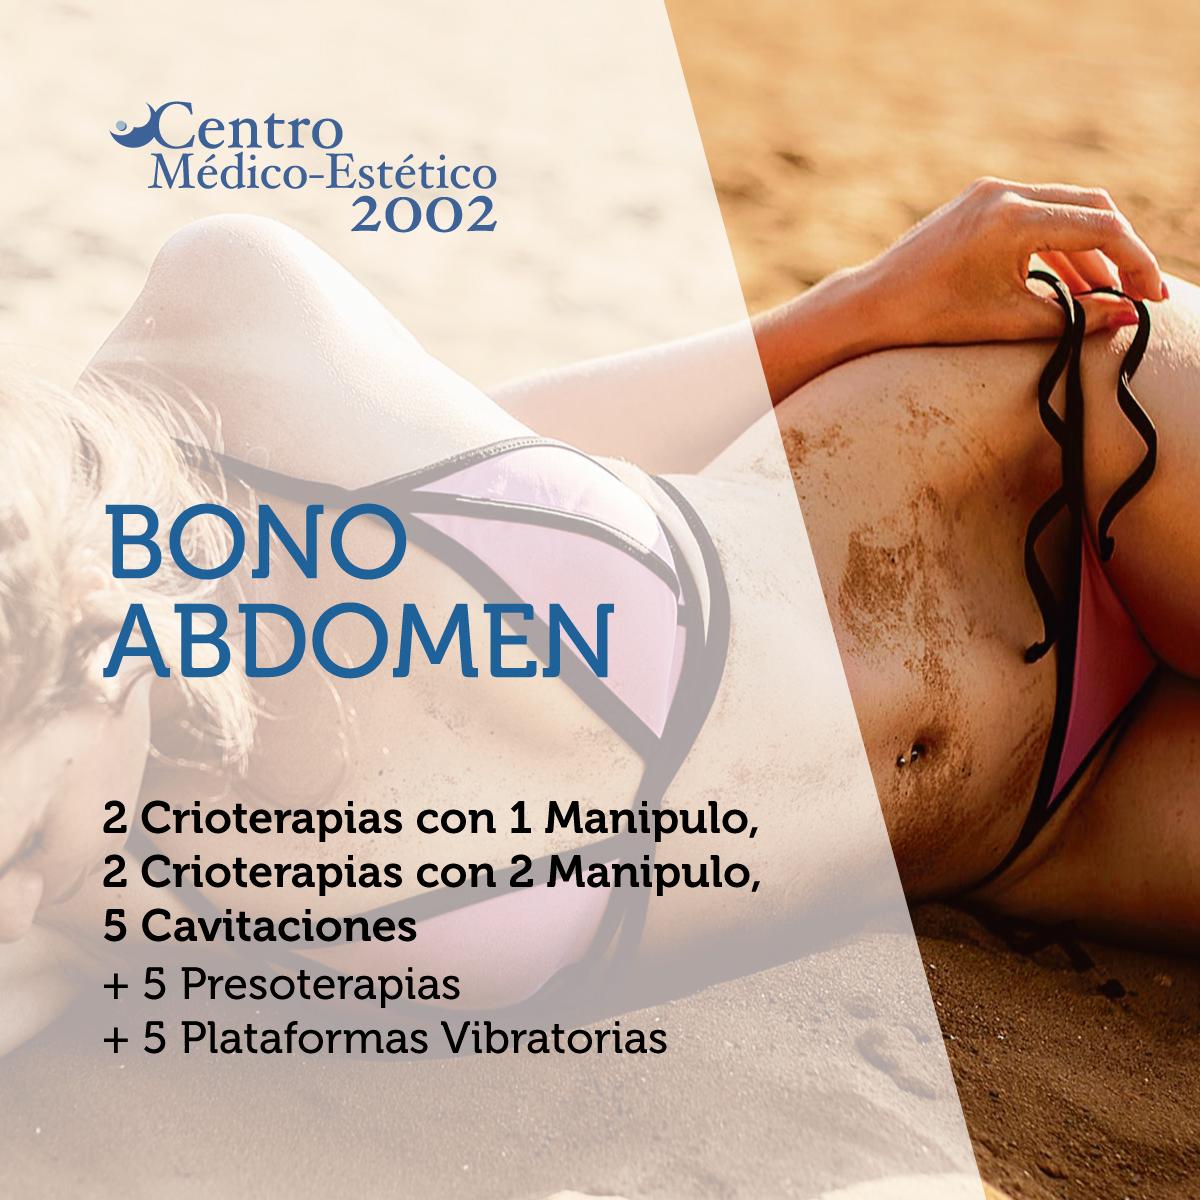 Bono Abdomen